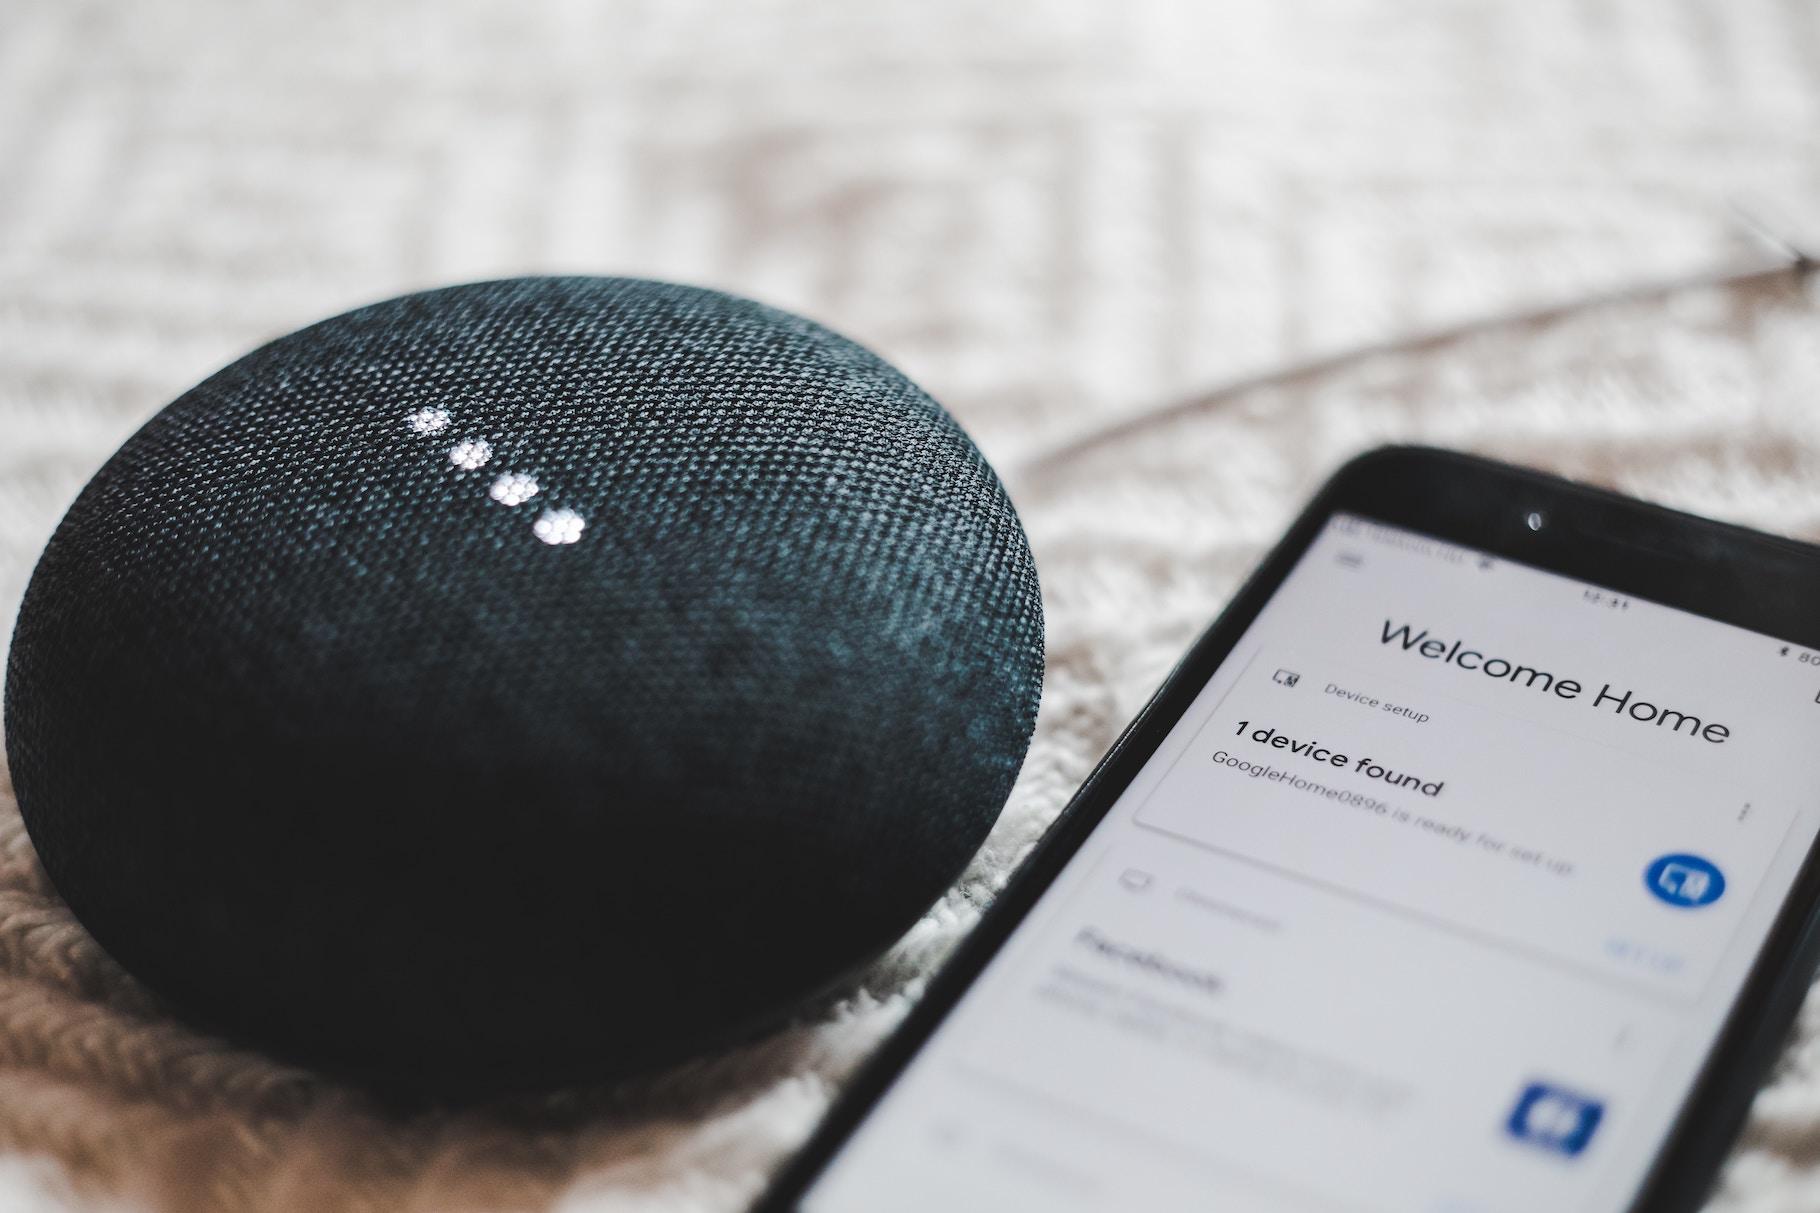 Помічники, які слухають, але не вас: Що приховують Alexa, Siri та Google Assistant